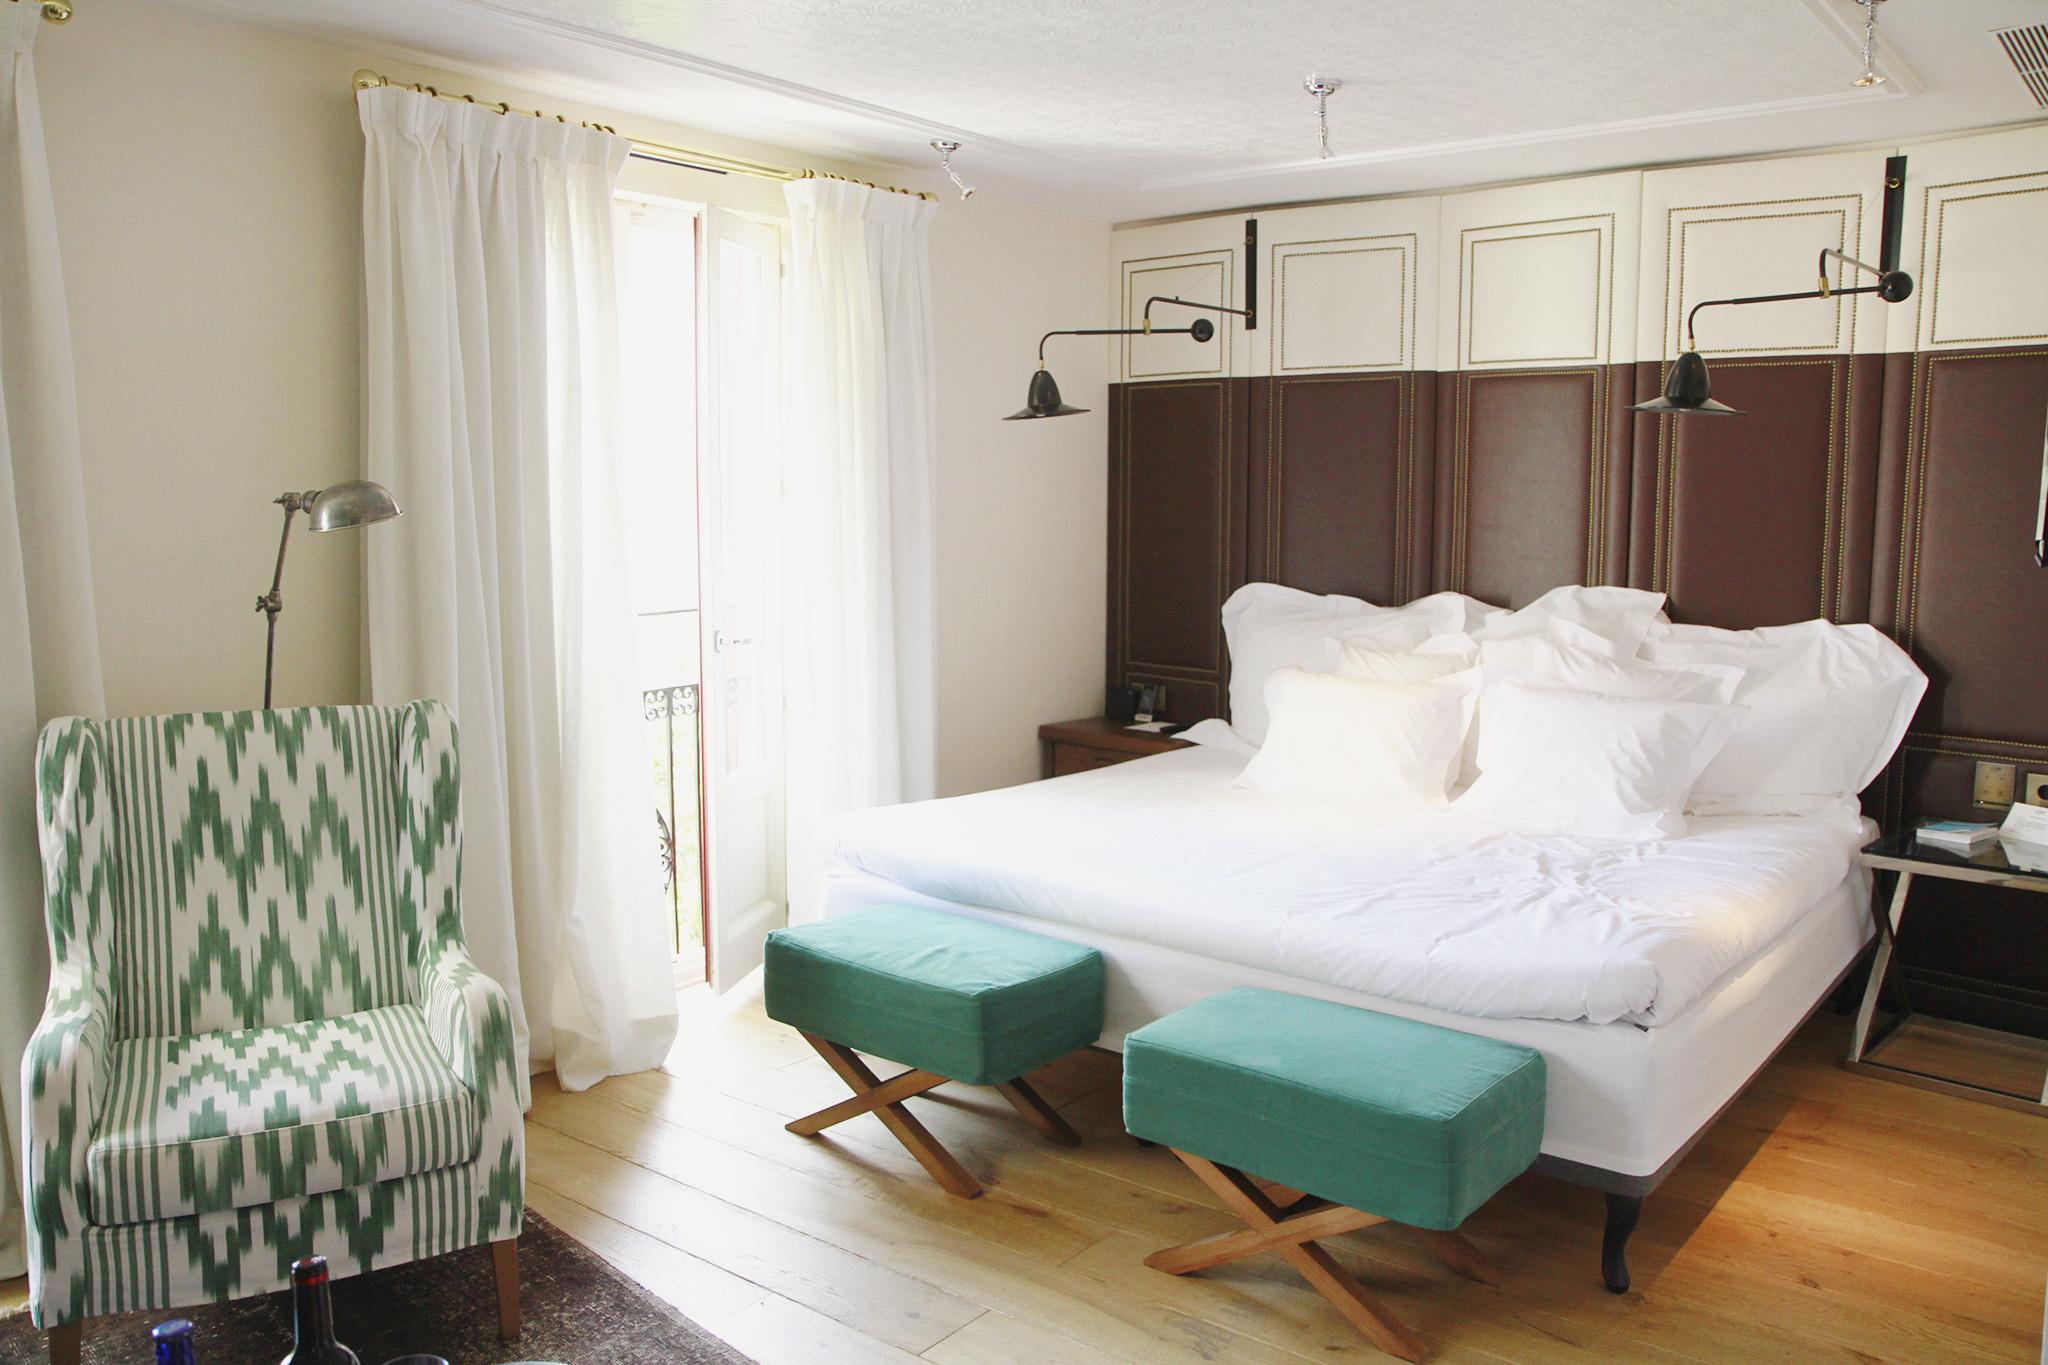 mallorca-HotelCort4-nectarandpulse-roomsandsuits